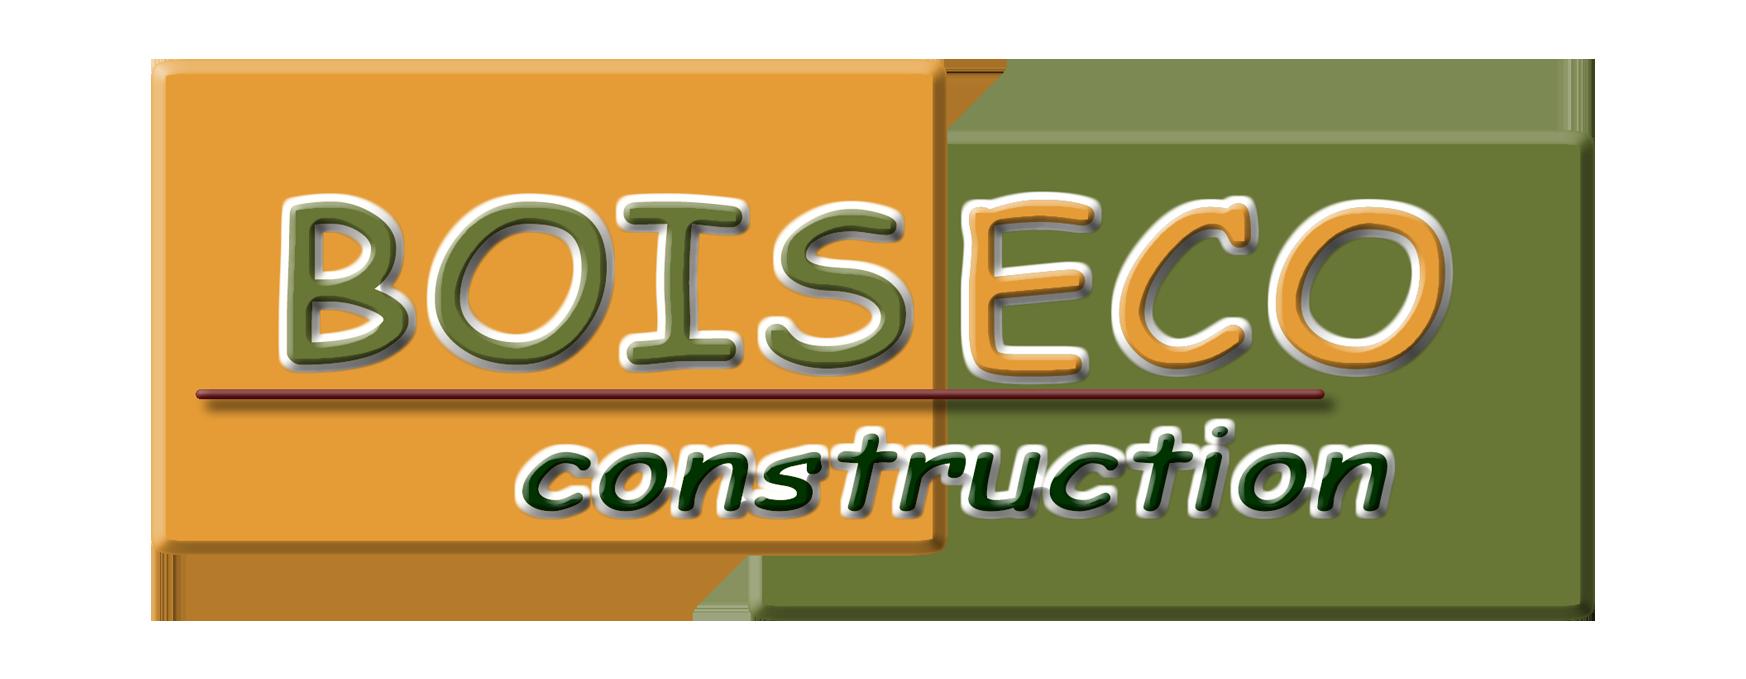 BOISECO Construction - Maisons a ossature bois